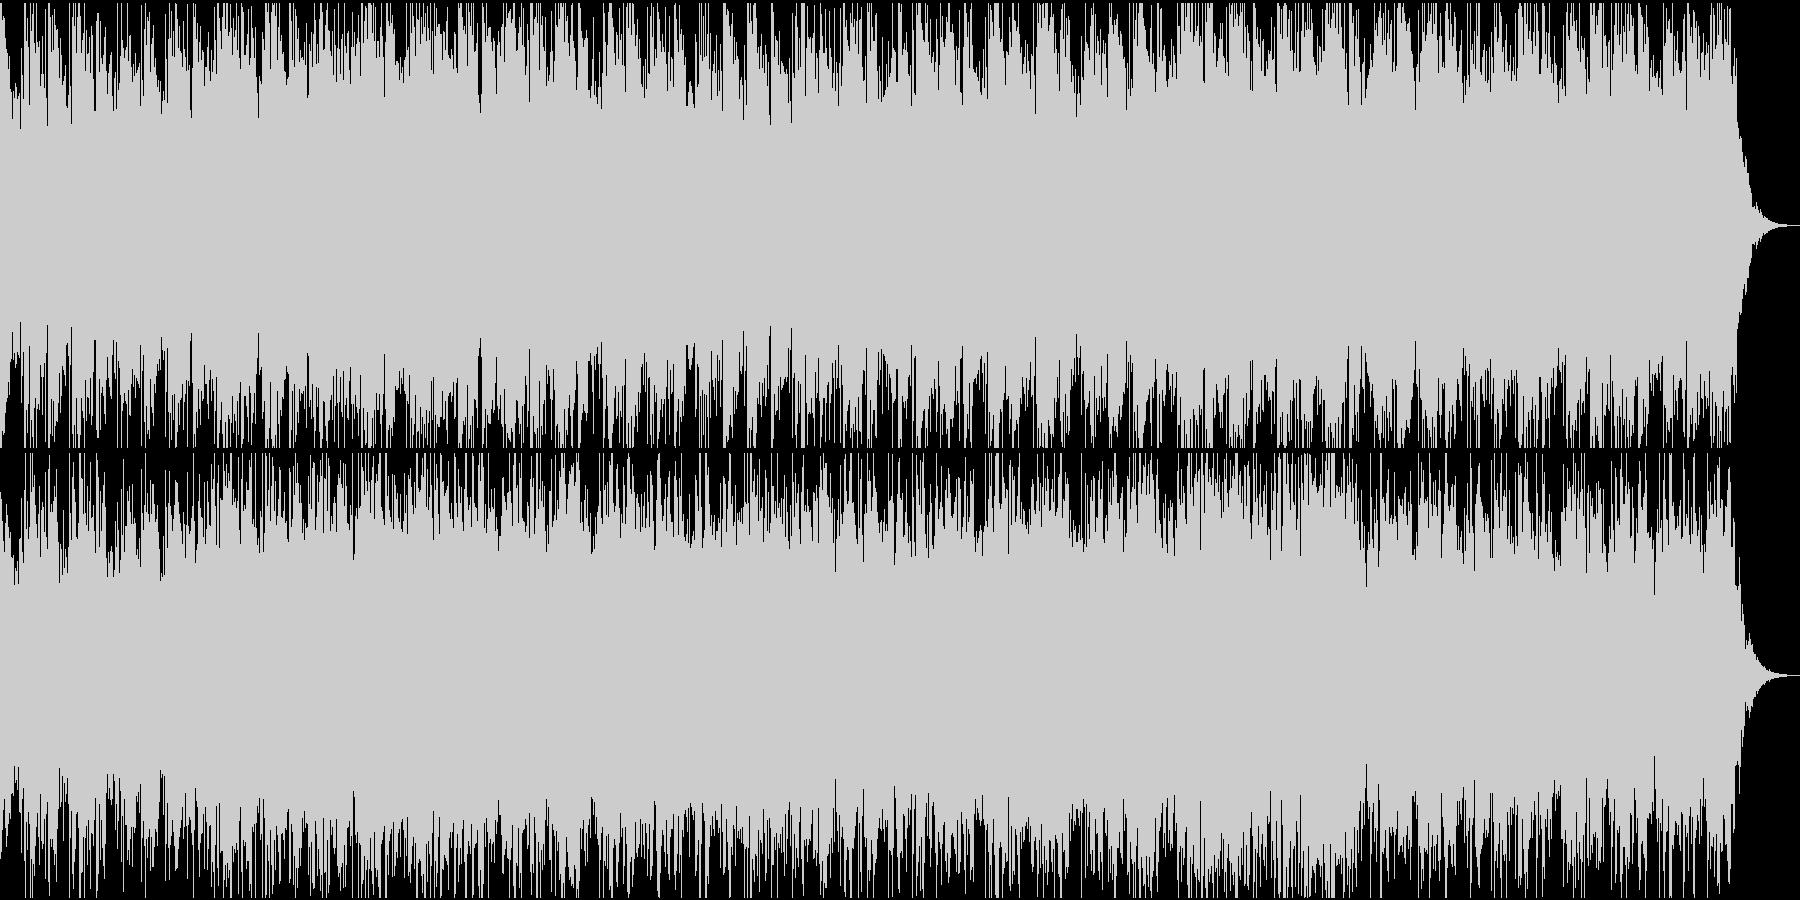 土着信仰・不気味な曲の未再生の波形